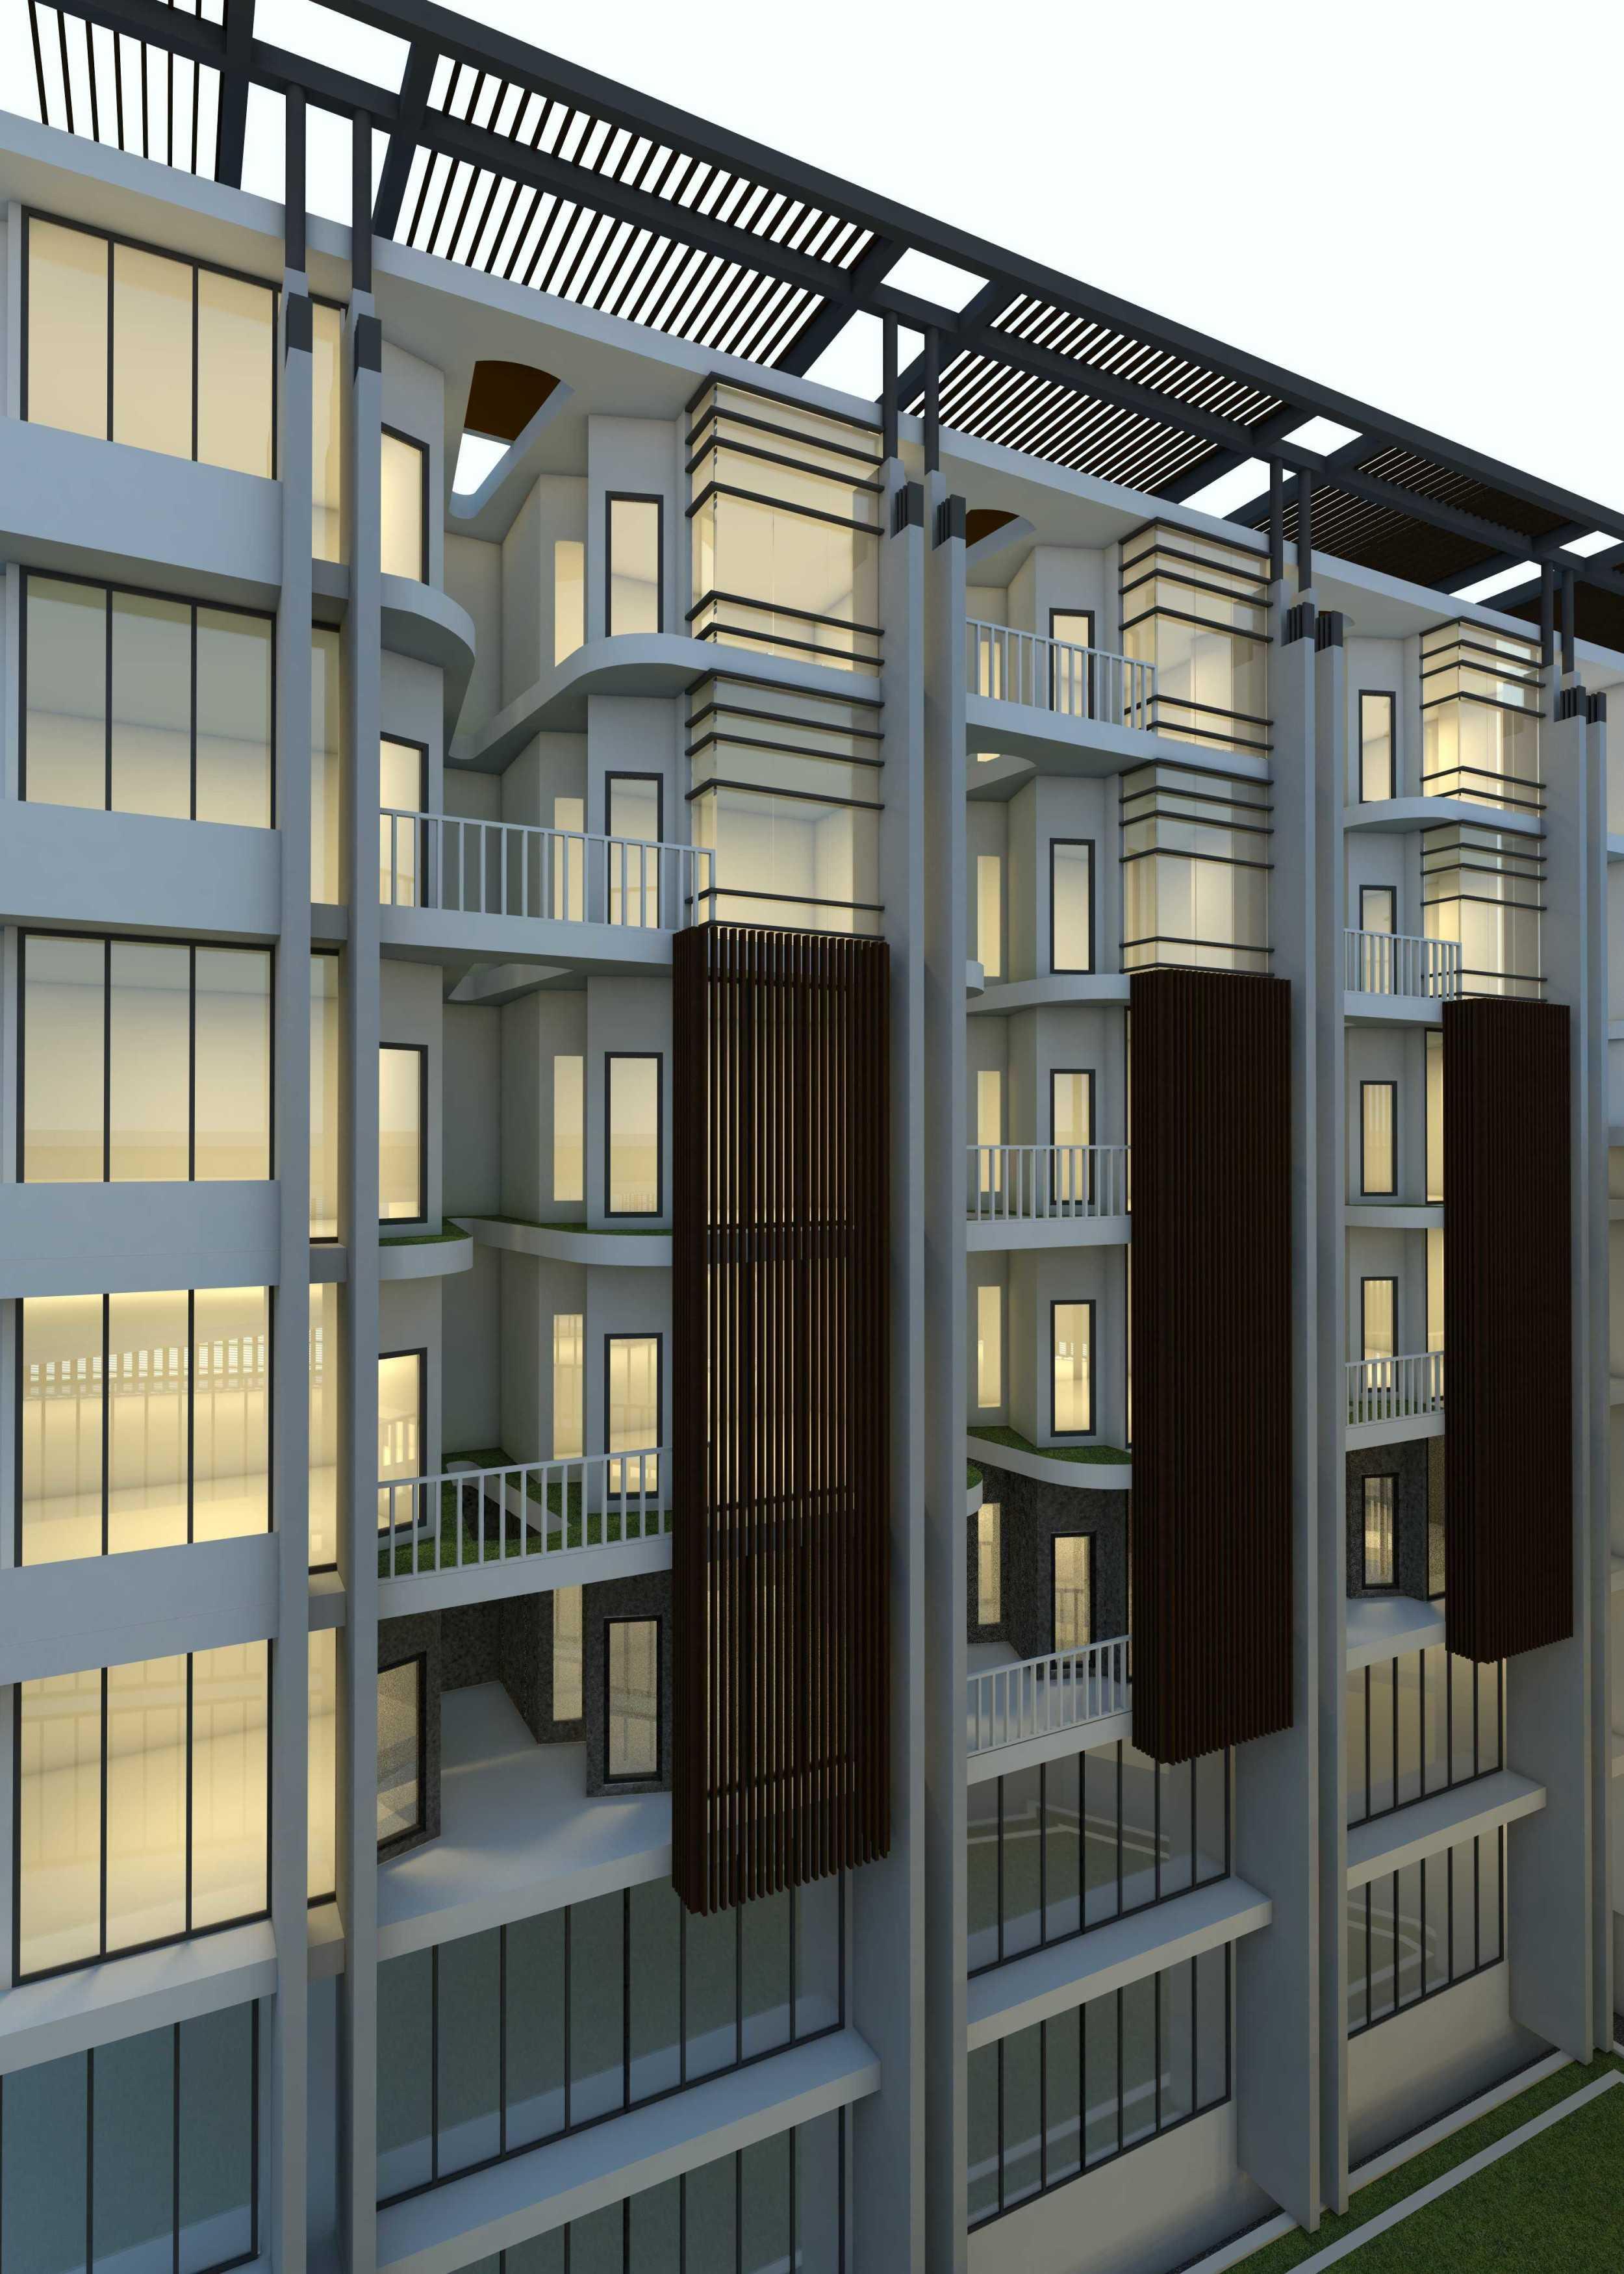 Arsatama Architect Rsi Nu Kendal Kendal, Central Java Kendal, Central Java Exterior Kontemporer  23400